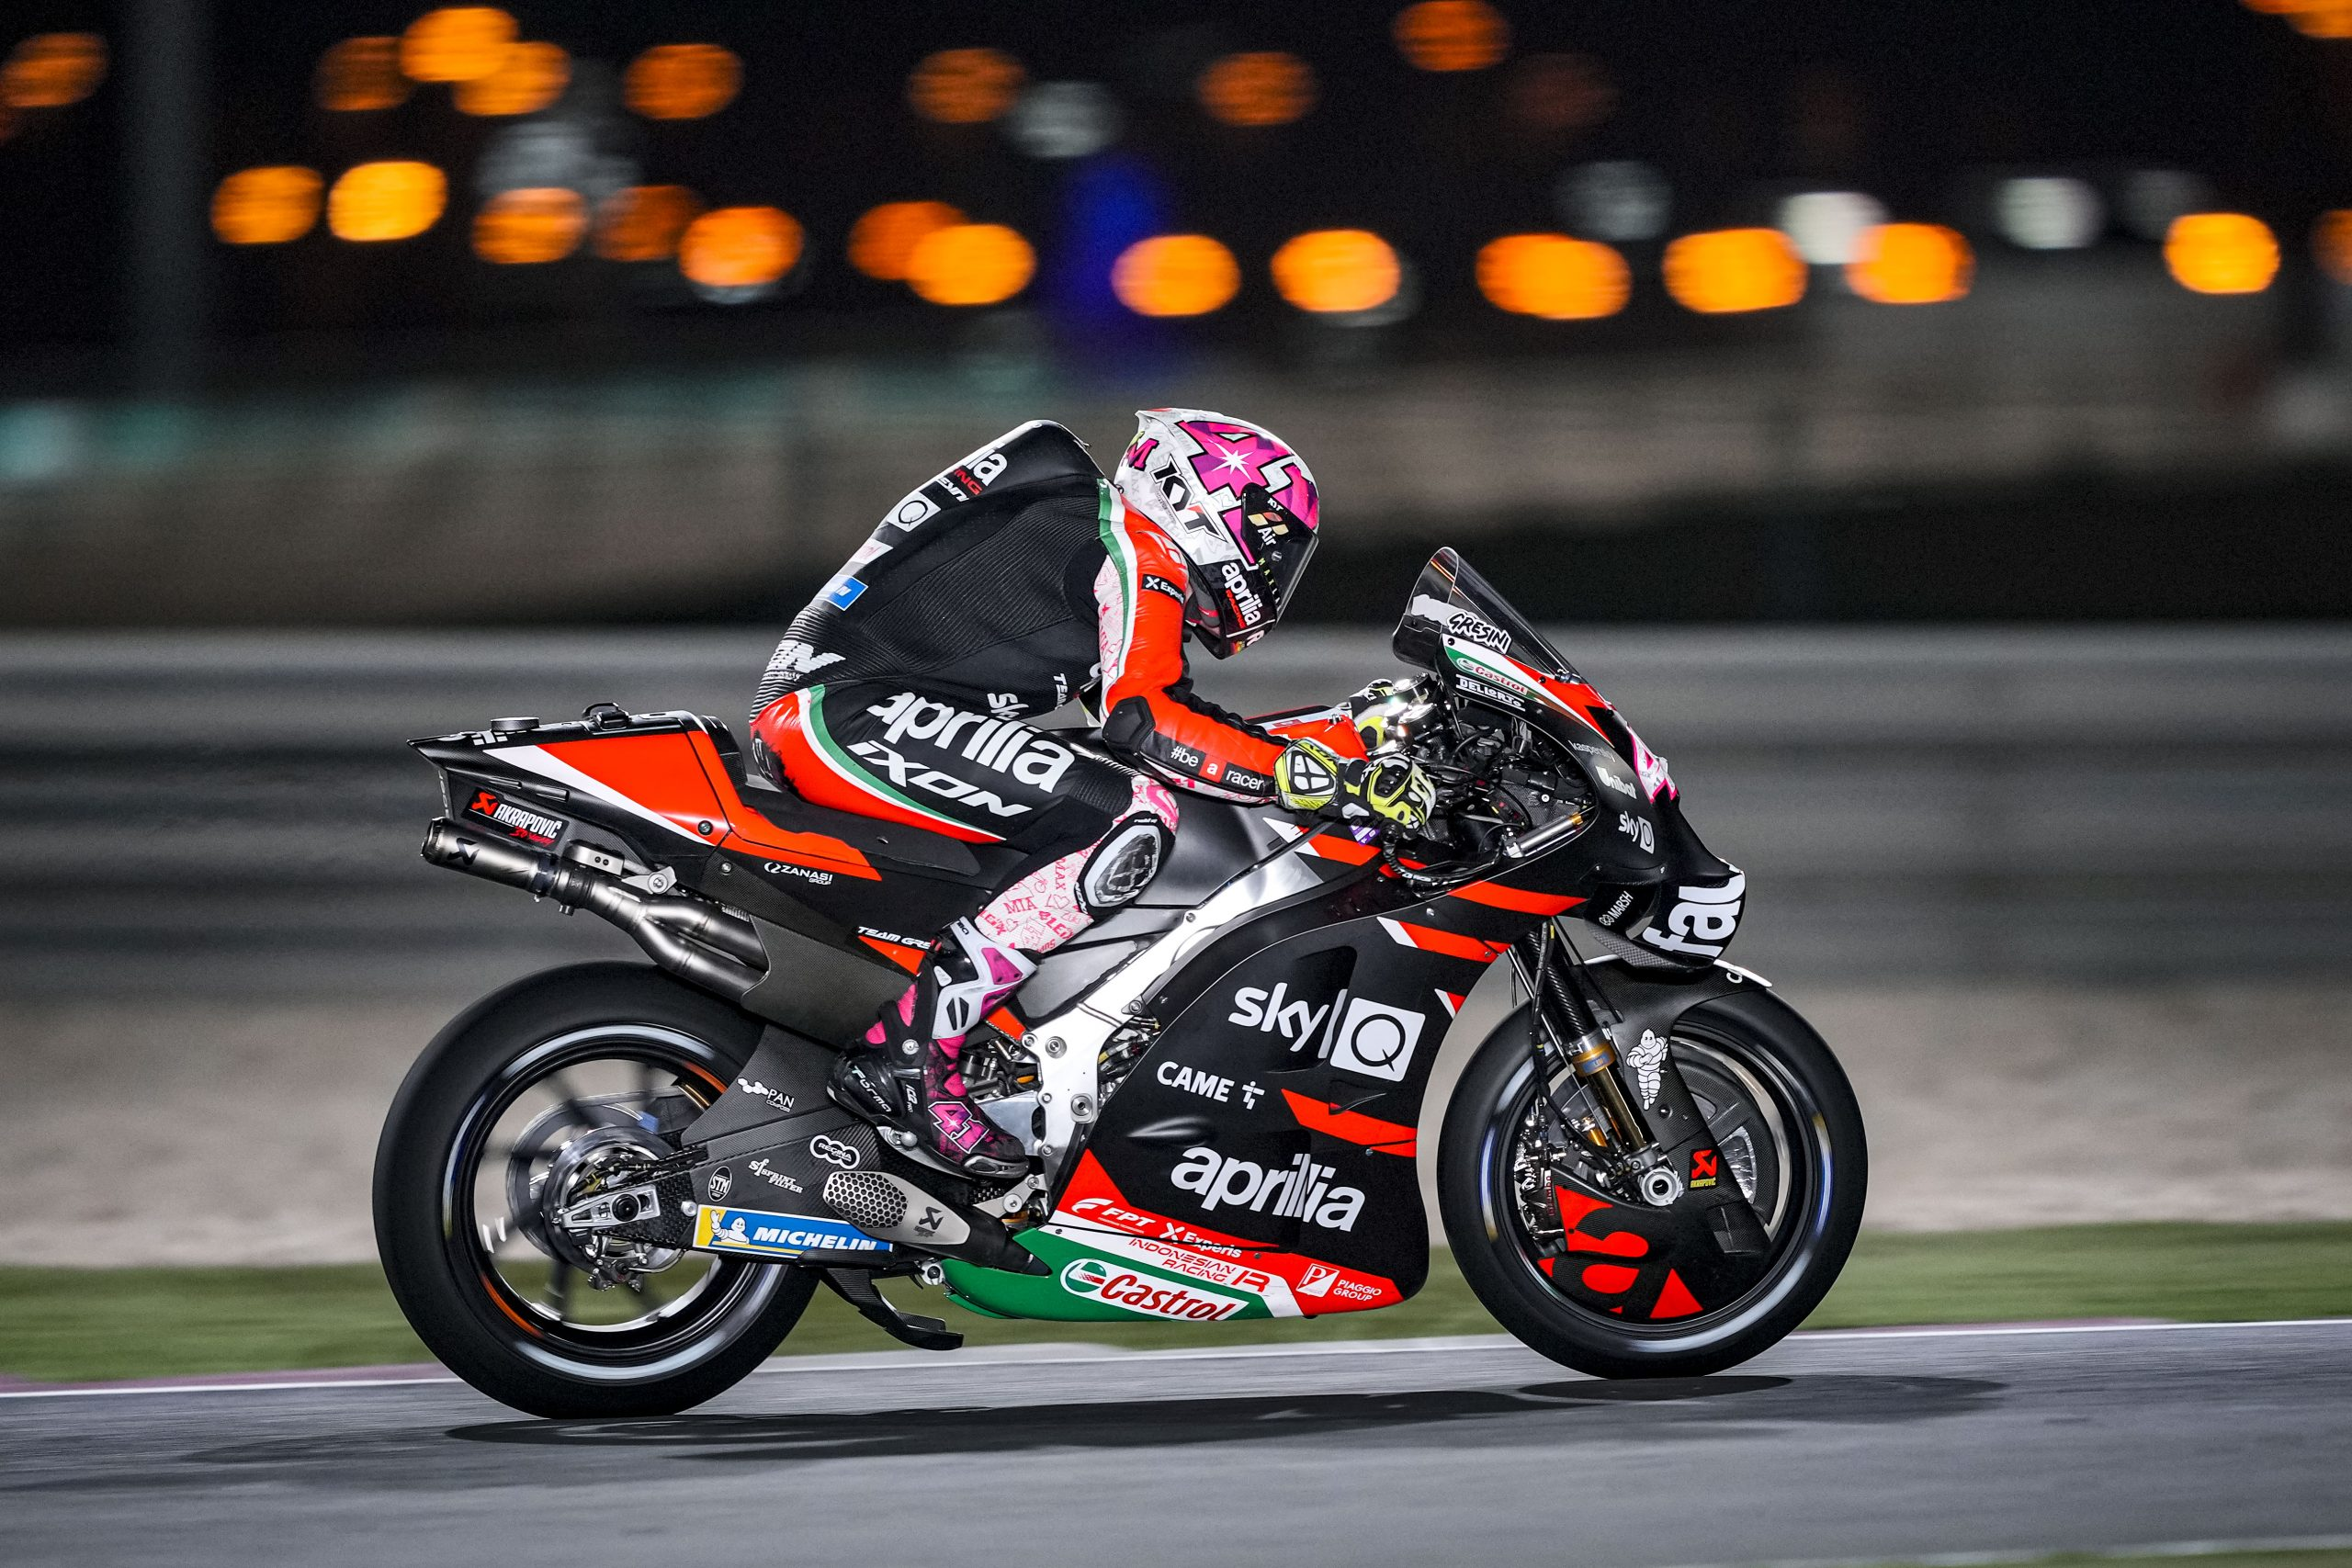 Aleix Espargaro zaimponował podczas GP Kataru 2021